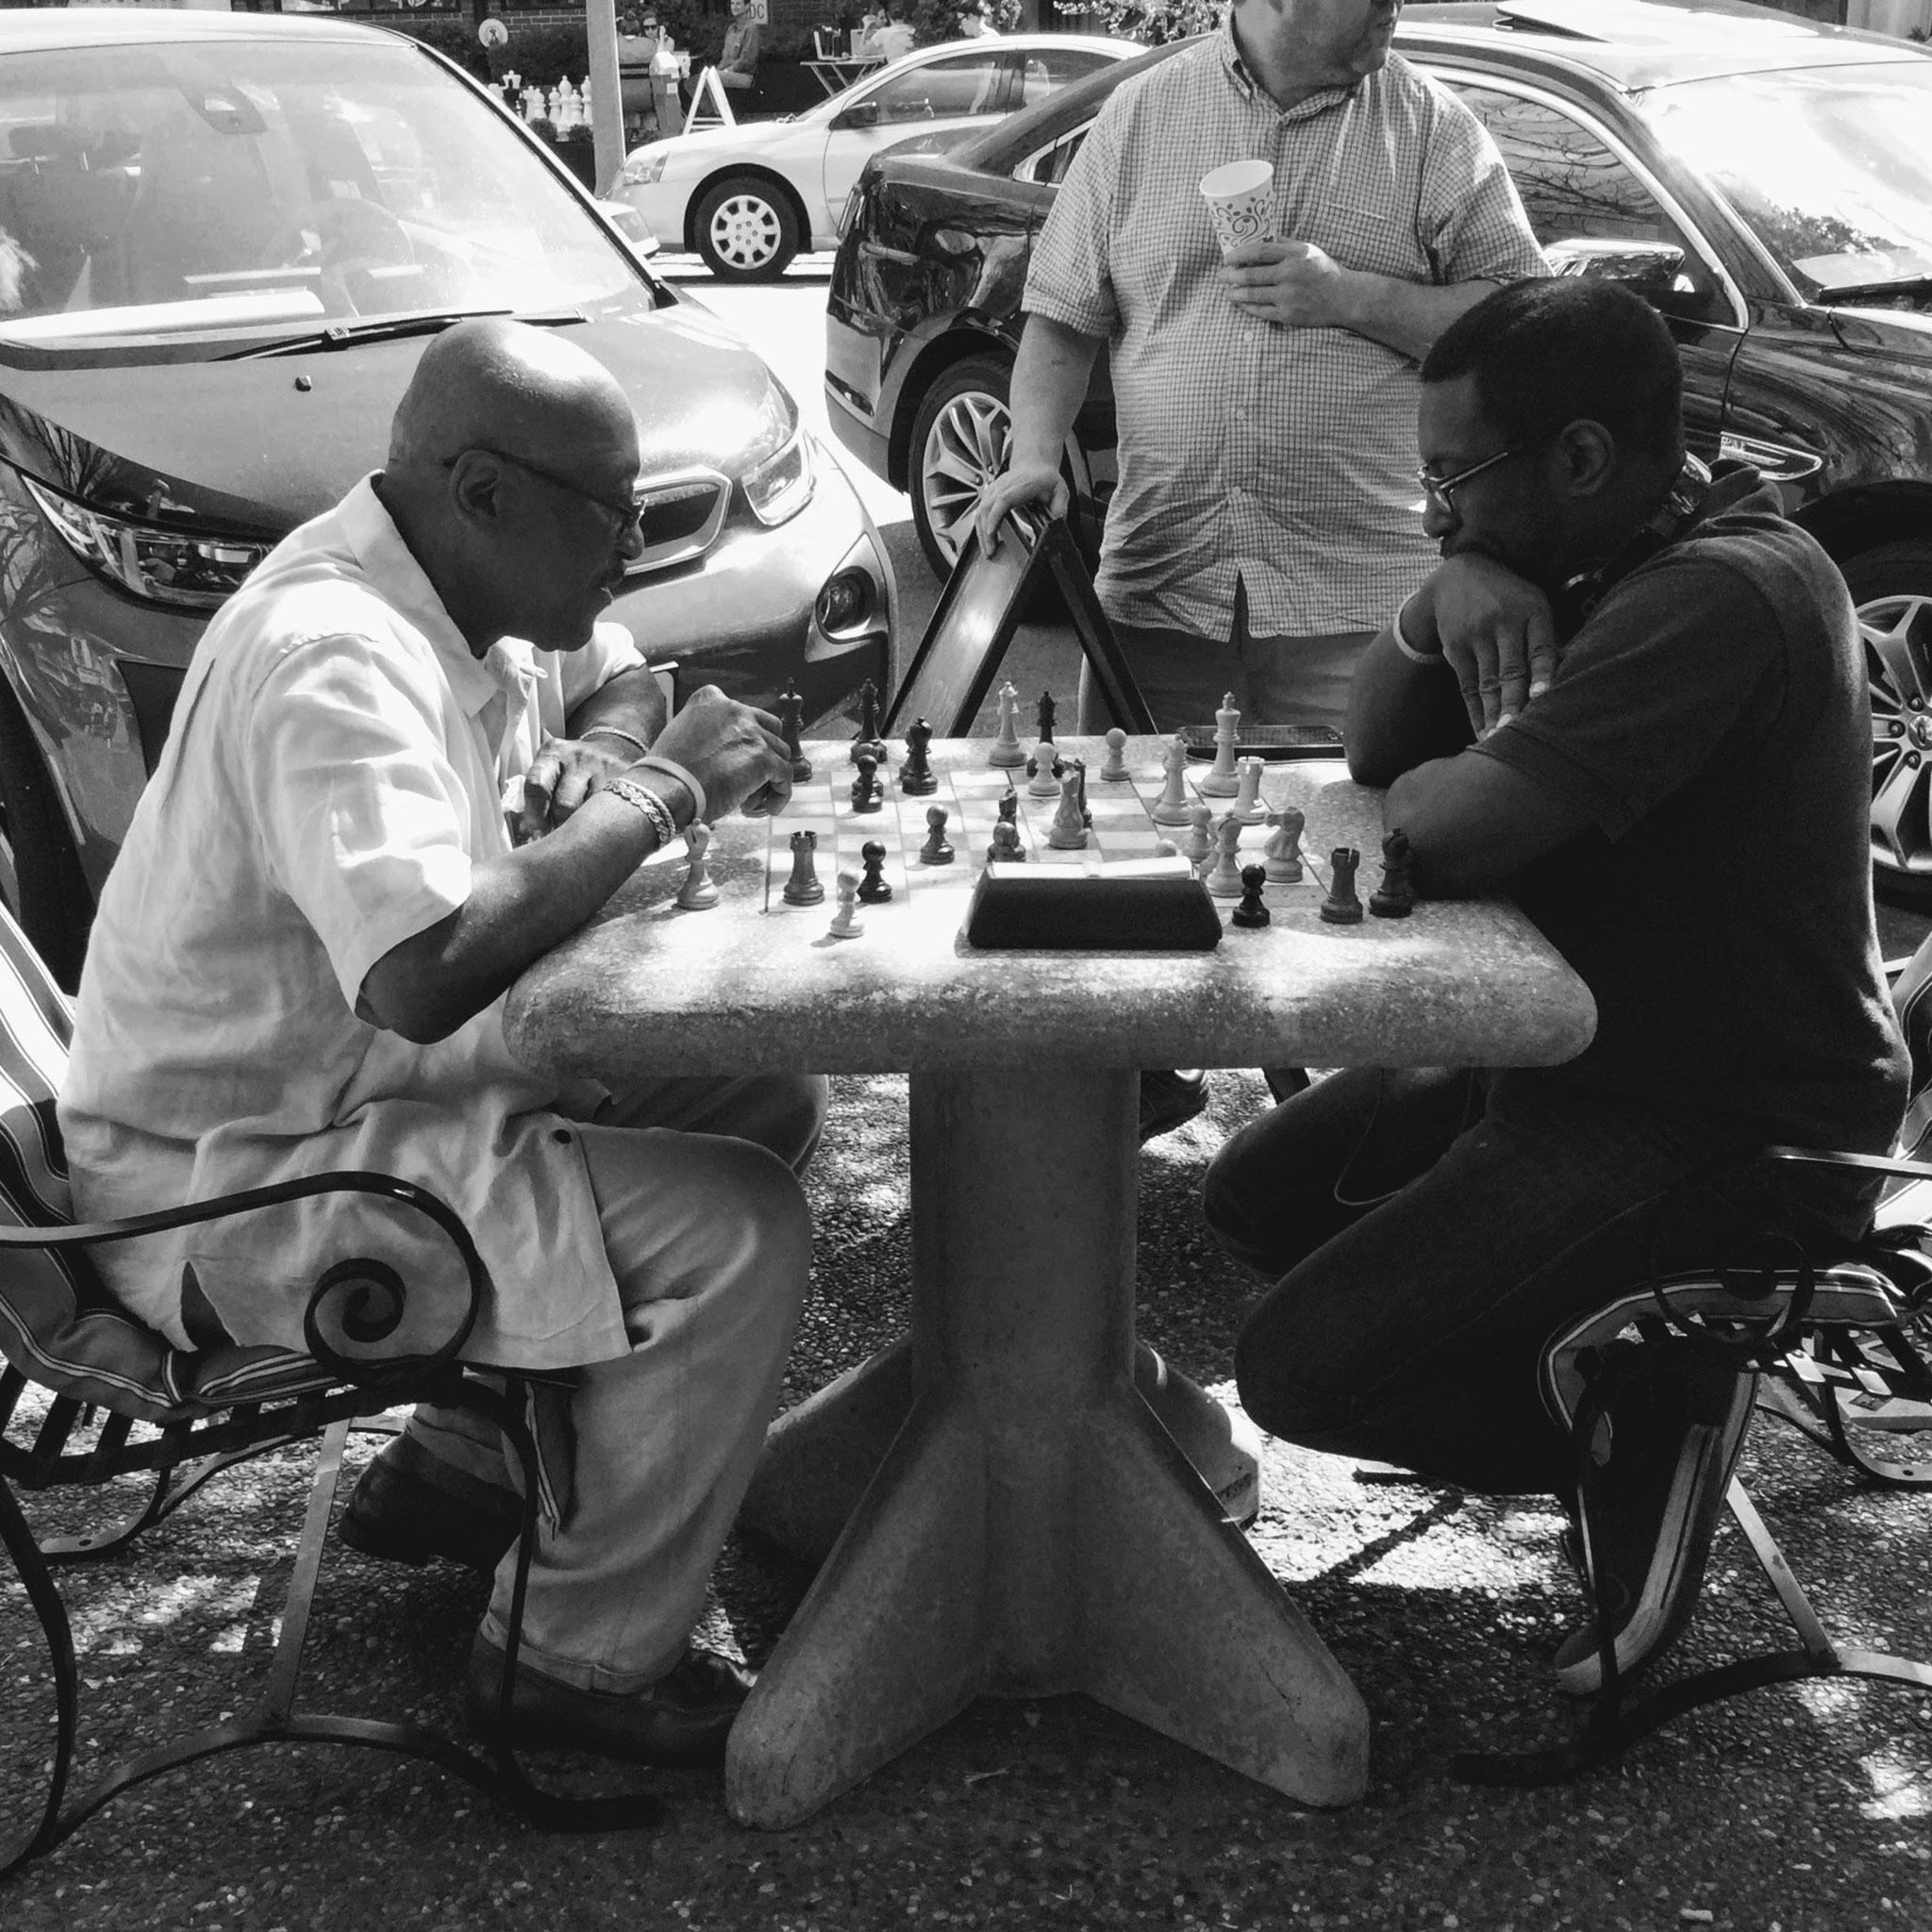 St. Louis - 2016 - St. Louis Chess Club